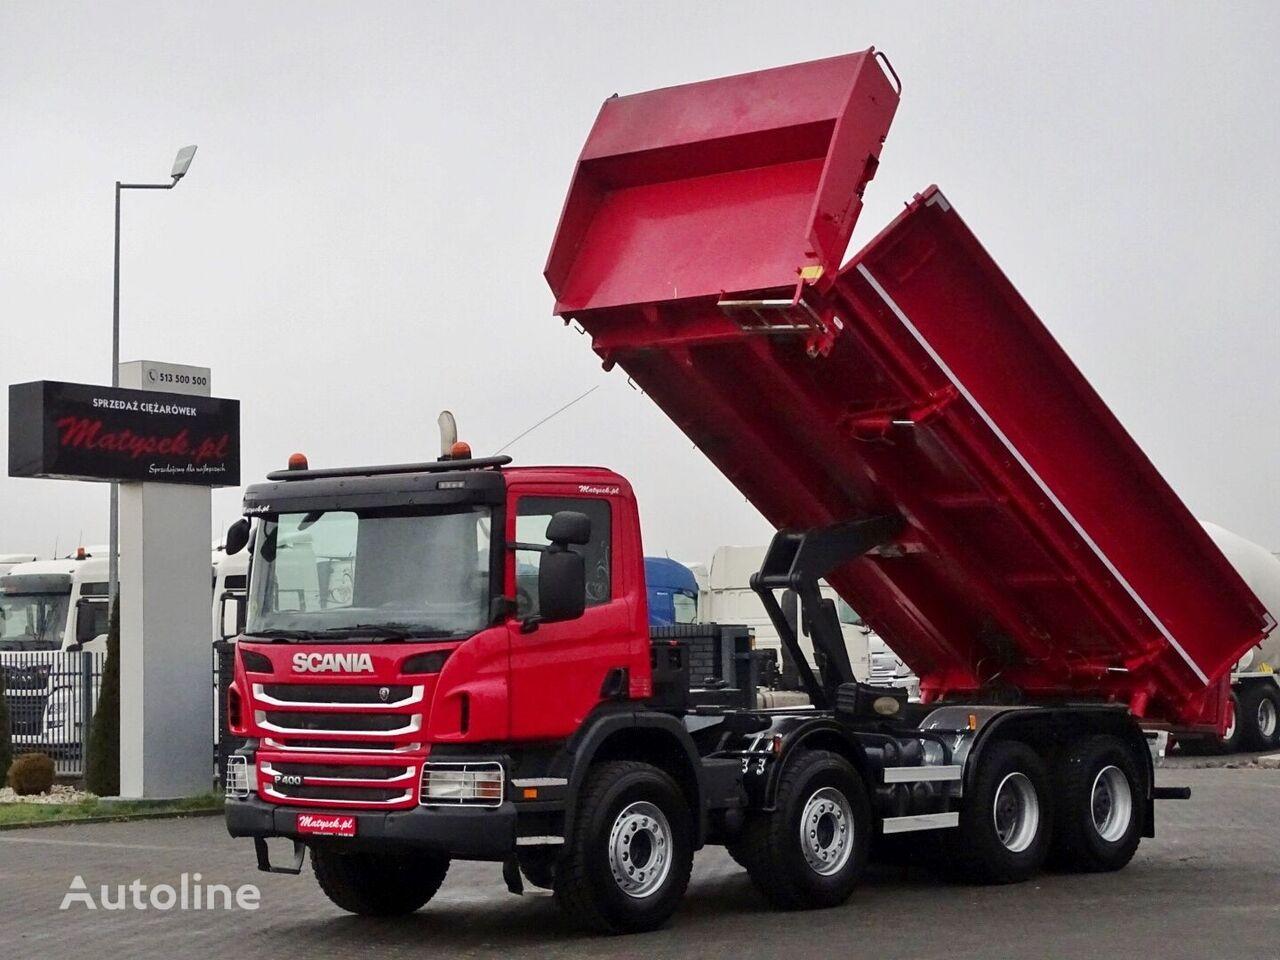 SCANIA P 400 / BORTMATIC dump truck